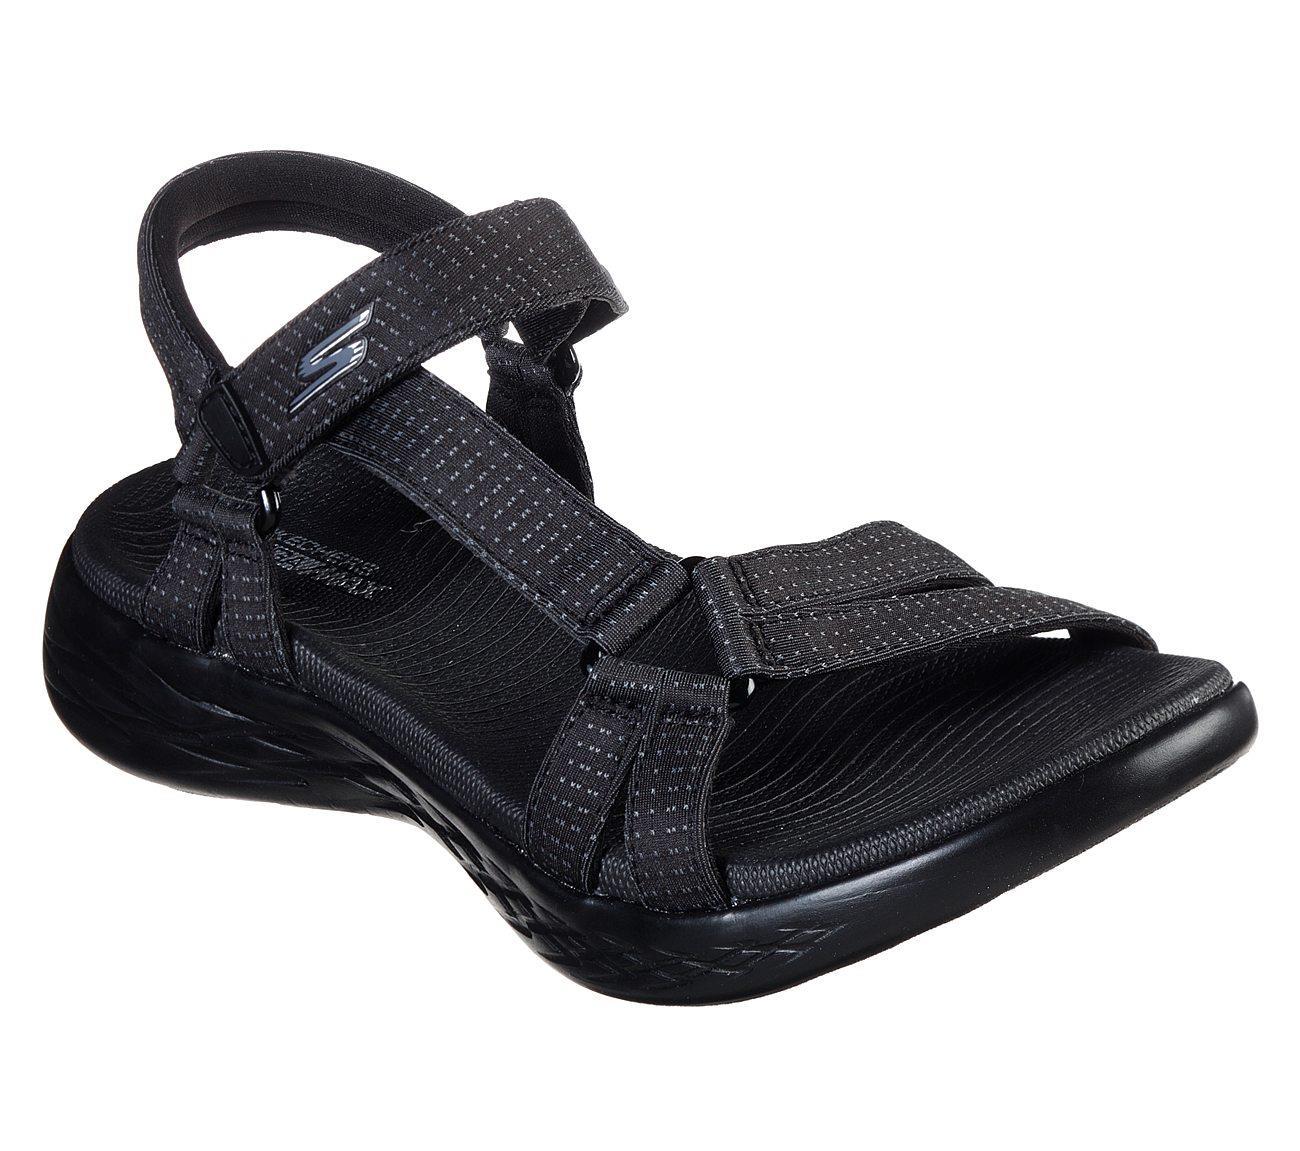 Skechers On The Go 600 - Brilliancy Kadın Sandalet SKC15316 BBK